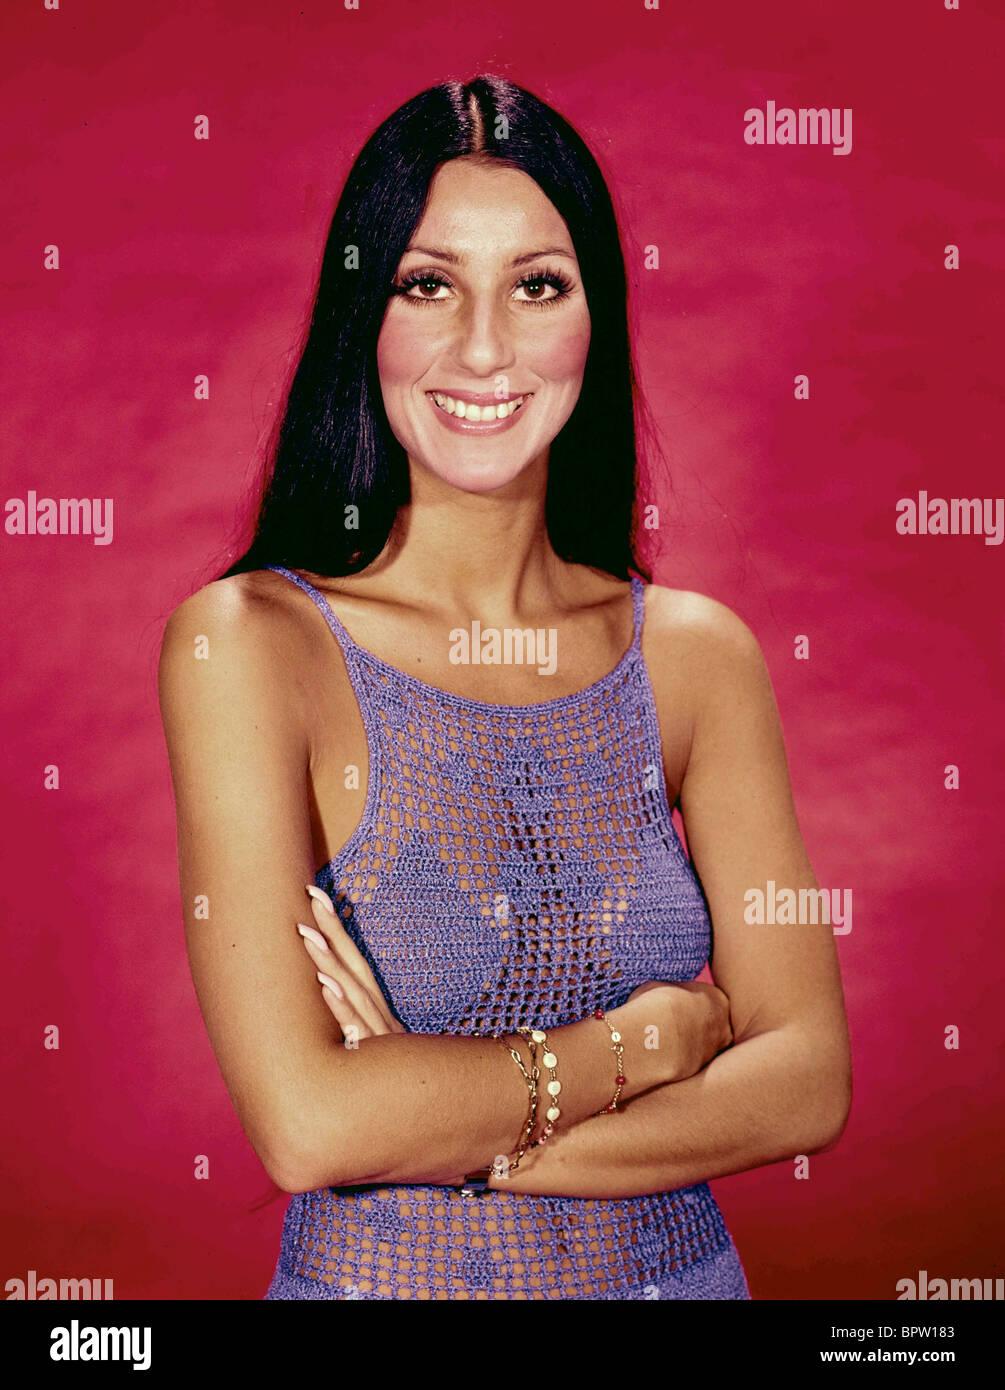 CHER cantante y actriz (1971) Imagen De Stock